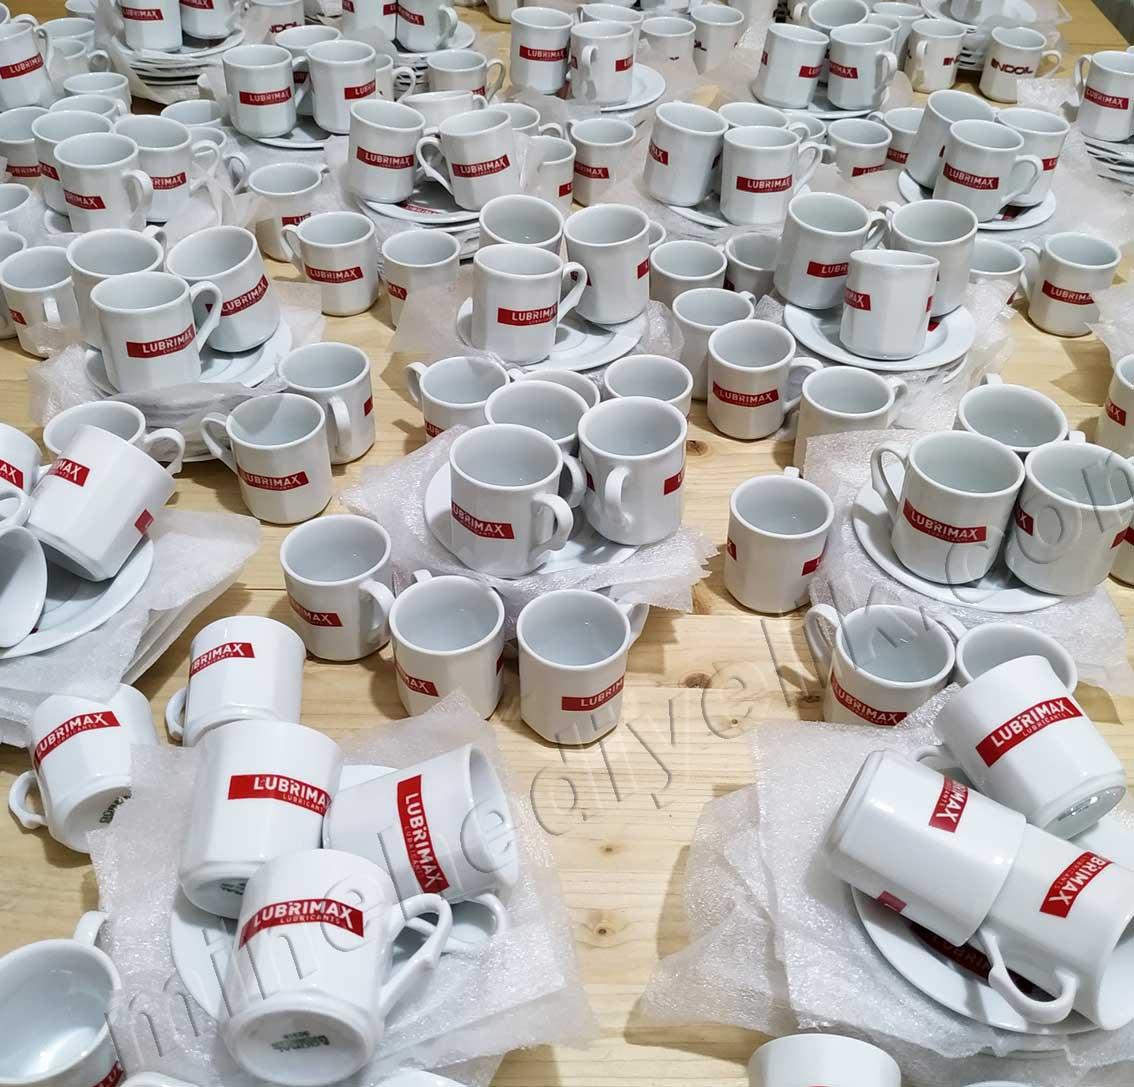 Kurumsal Promosyon Amaçlı Logolu Kahve Fincan Takımları Hediyelik altı Kişilik kurumsal promosyon Kahve Fincanları Toptan Satış Fiyatları